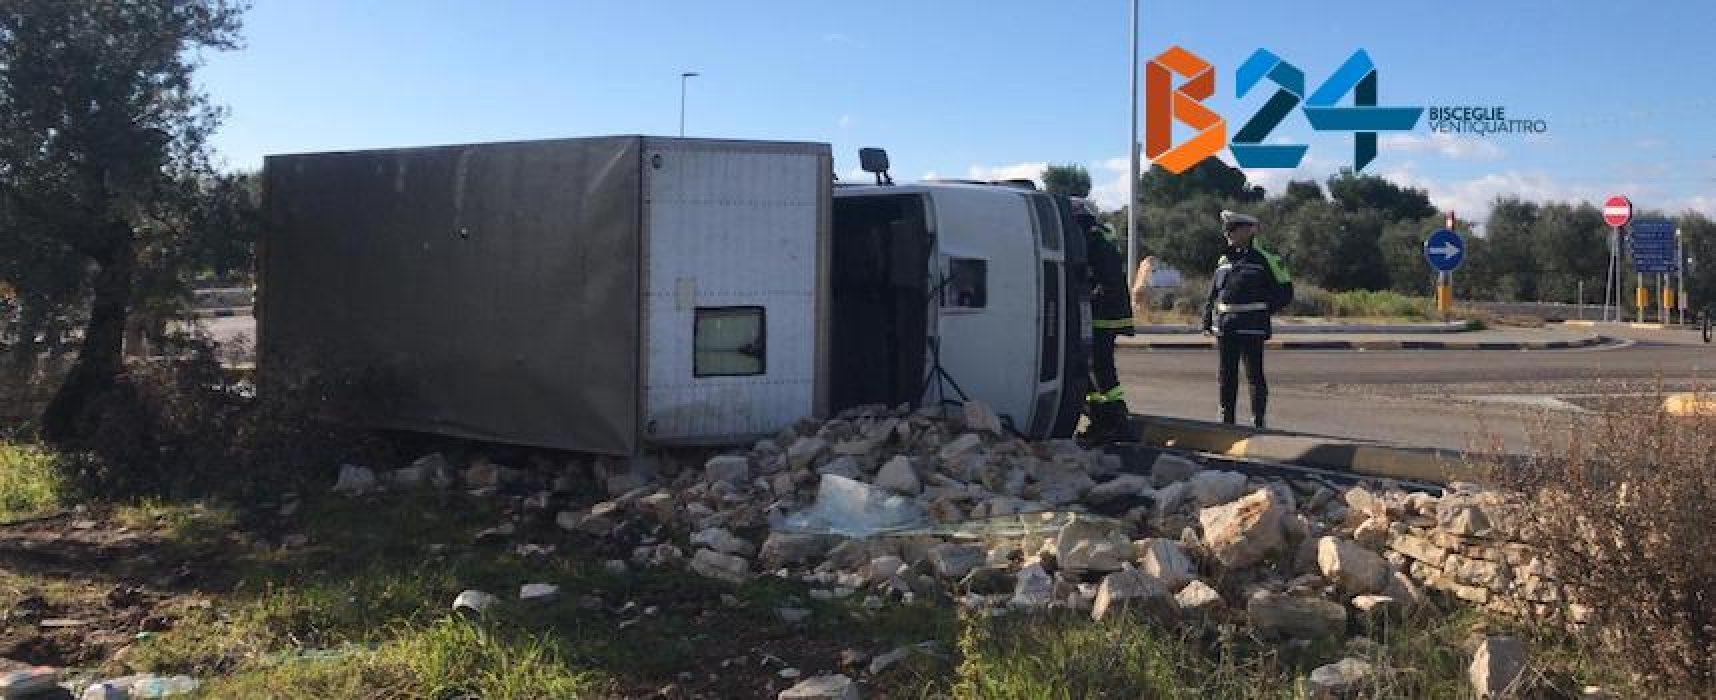 Camion si ribalta sulla Bisceglie-Corato: 24enne trasportato all'ospedale di Bisceglie